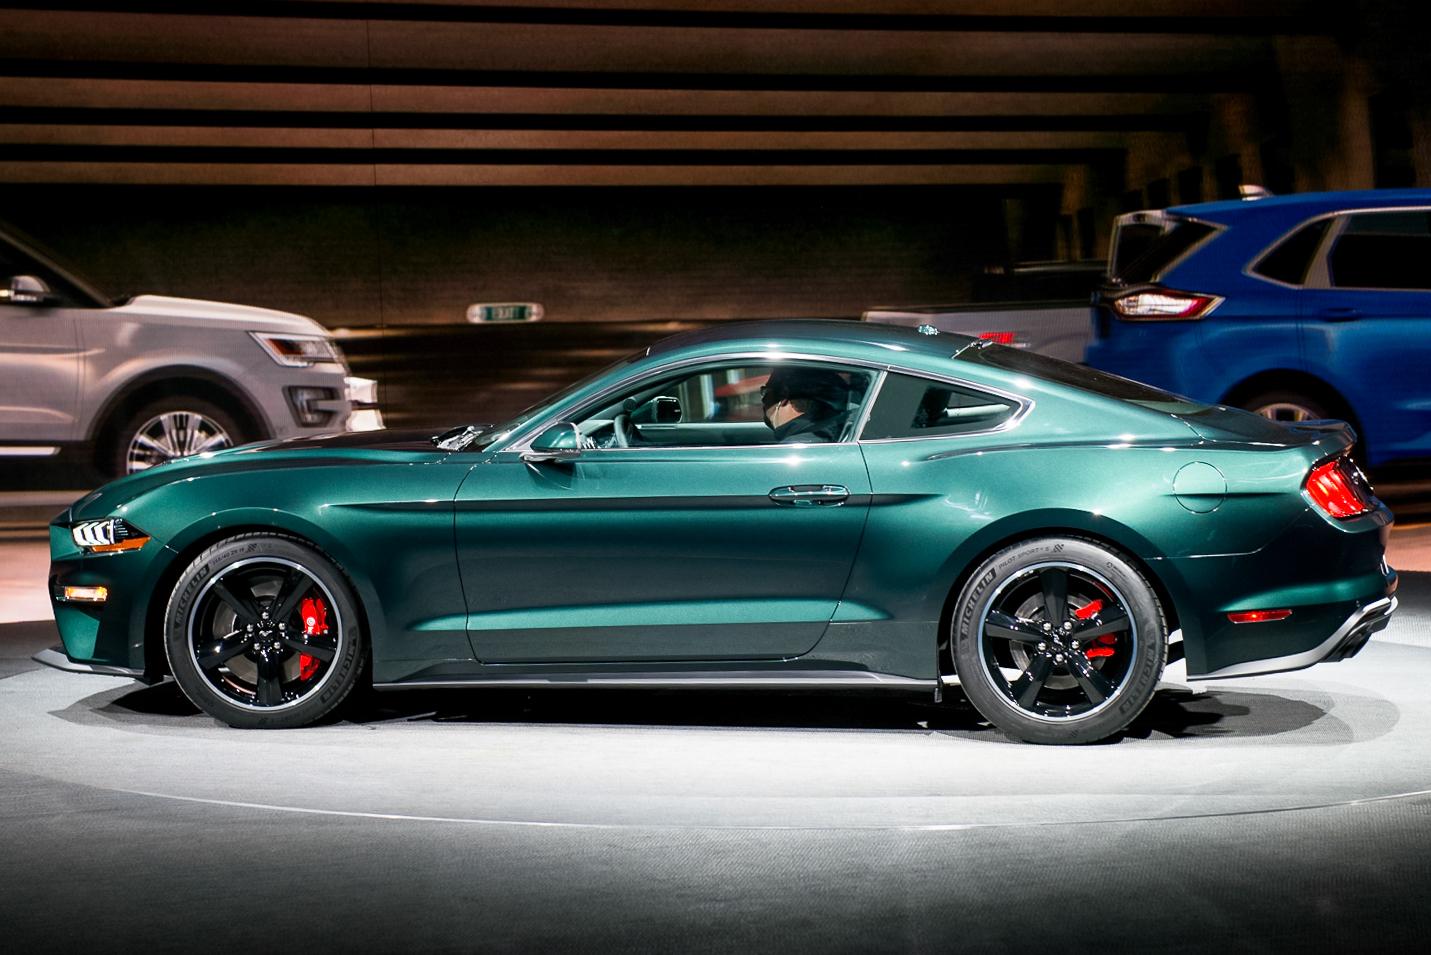 北美车展:Mustang Bullitt特别版发布 回归经典